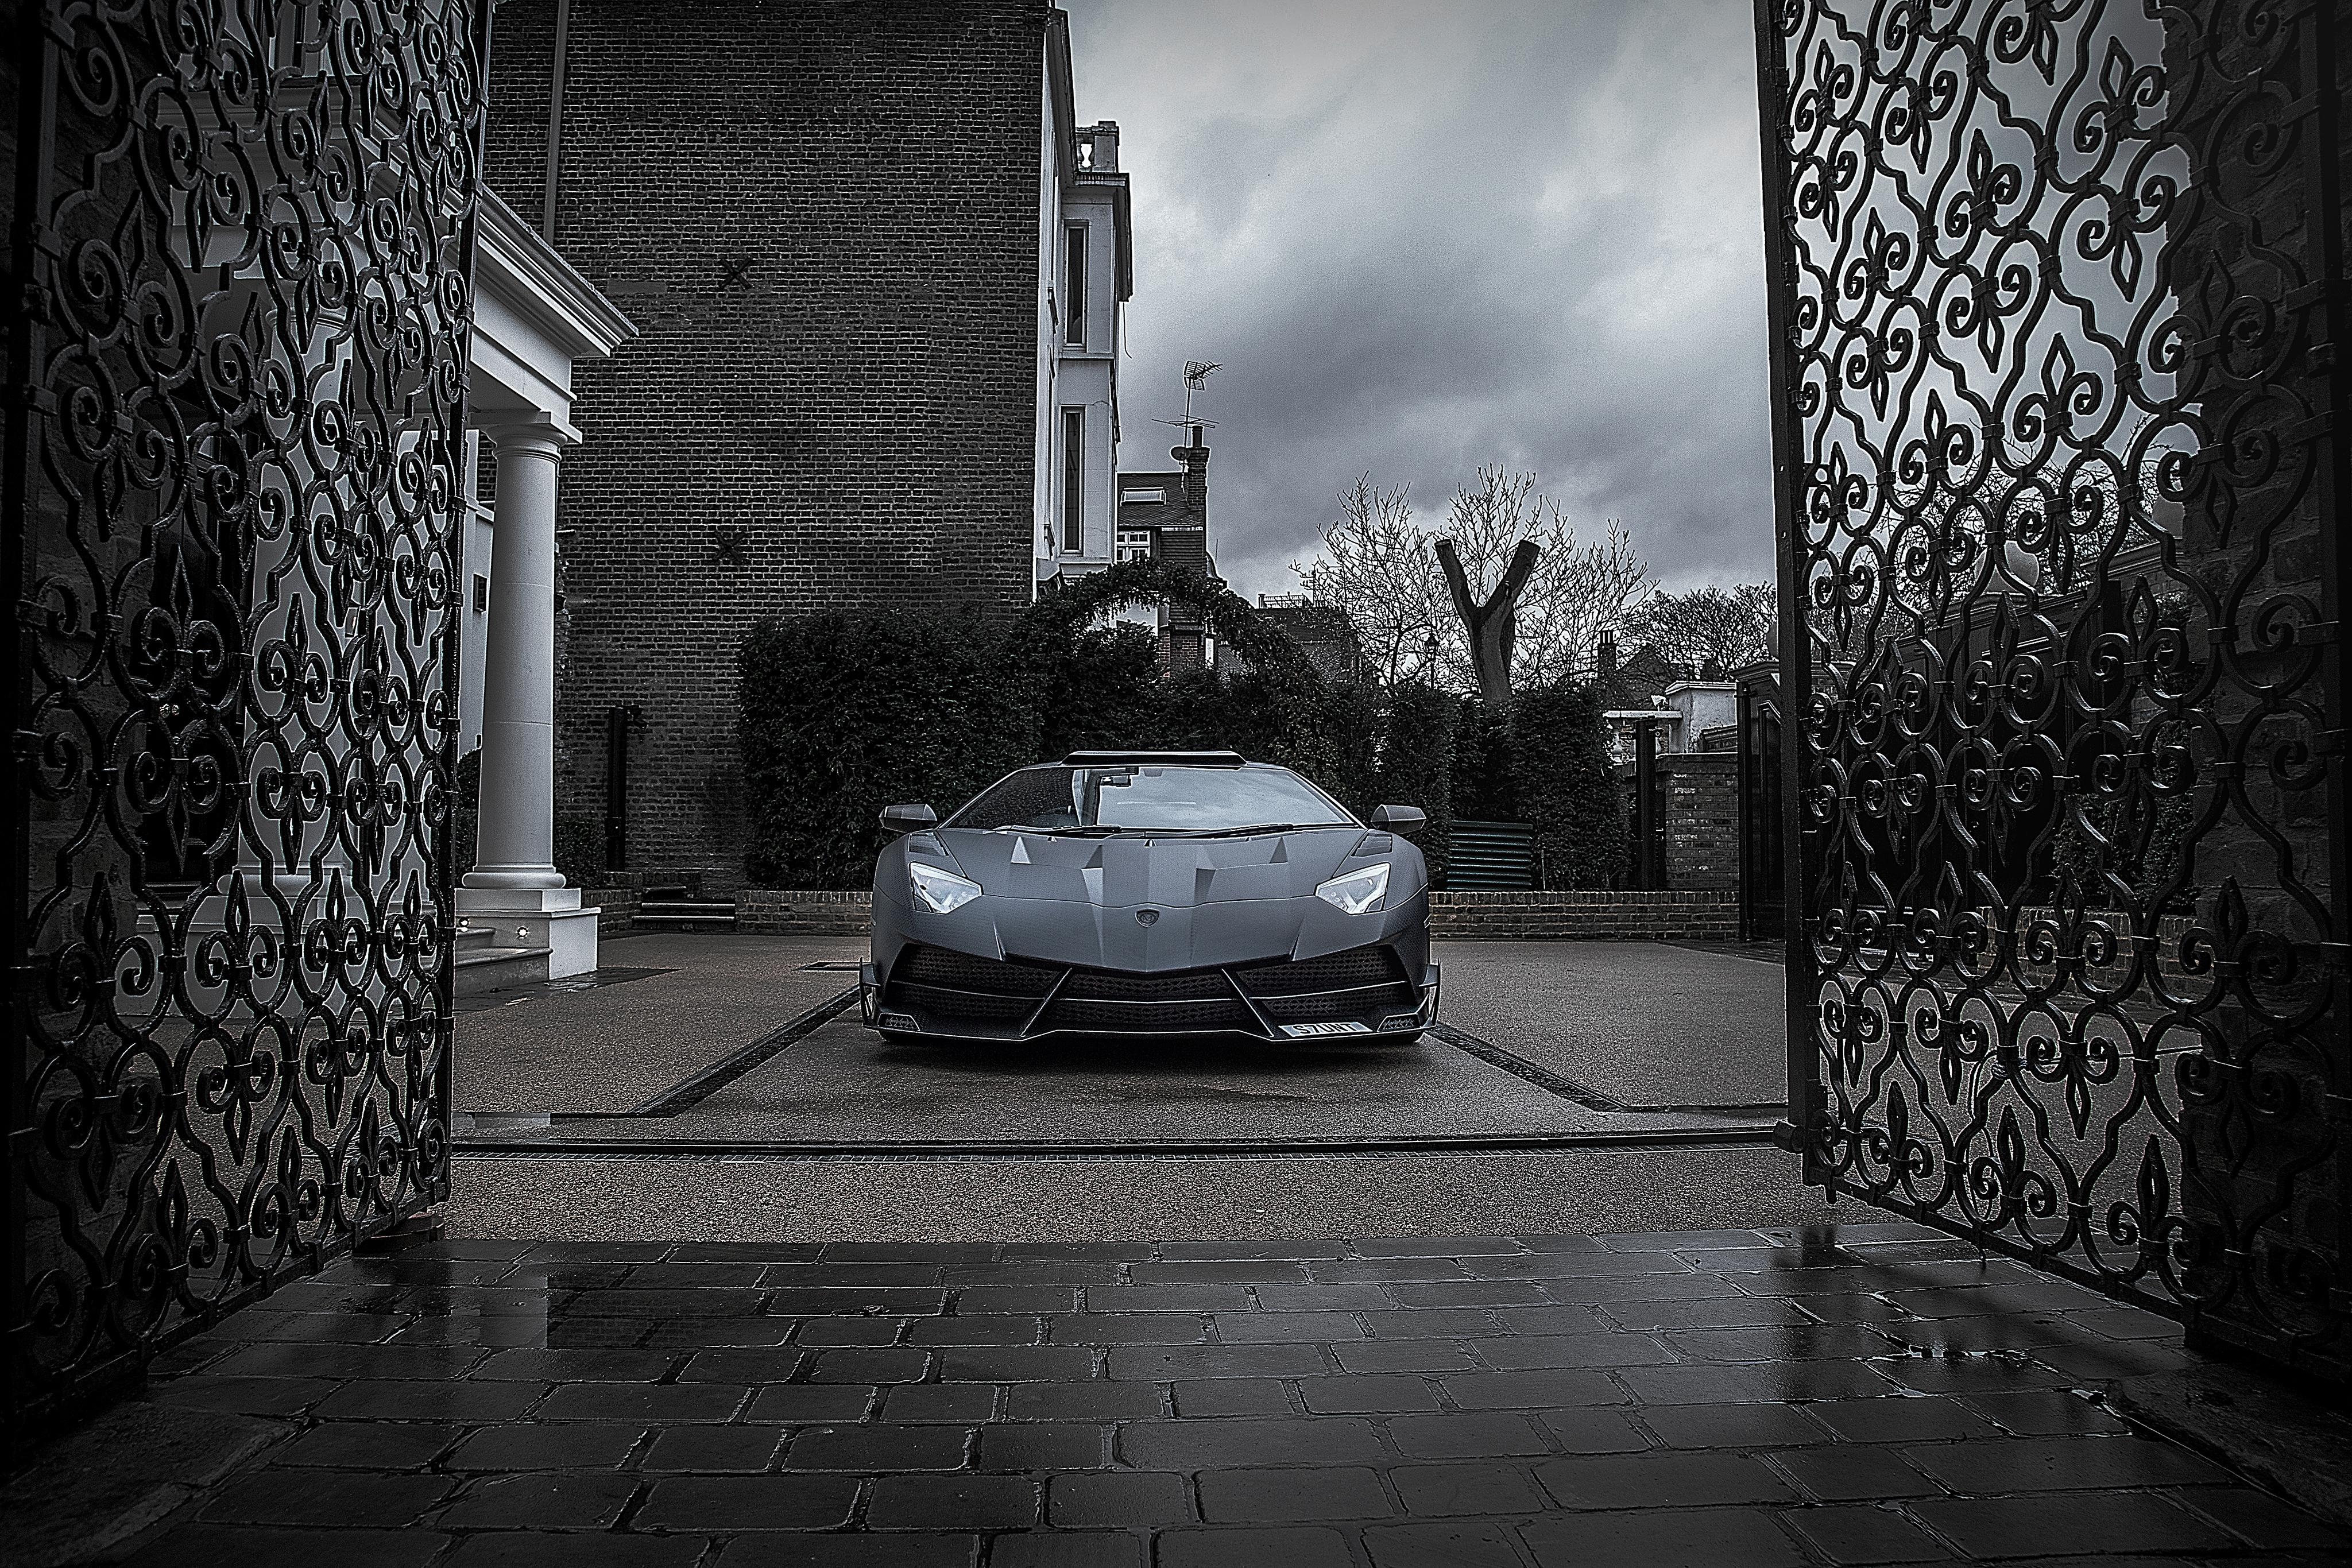 143610 Заставки и Обои Вид Спереди на телефон. Скачать Ламборджини (Lamborghini), Черный, Вид Спереди, Тачки (Cars), Aventador, Mansory, Ворота картинки бесплатно